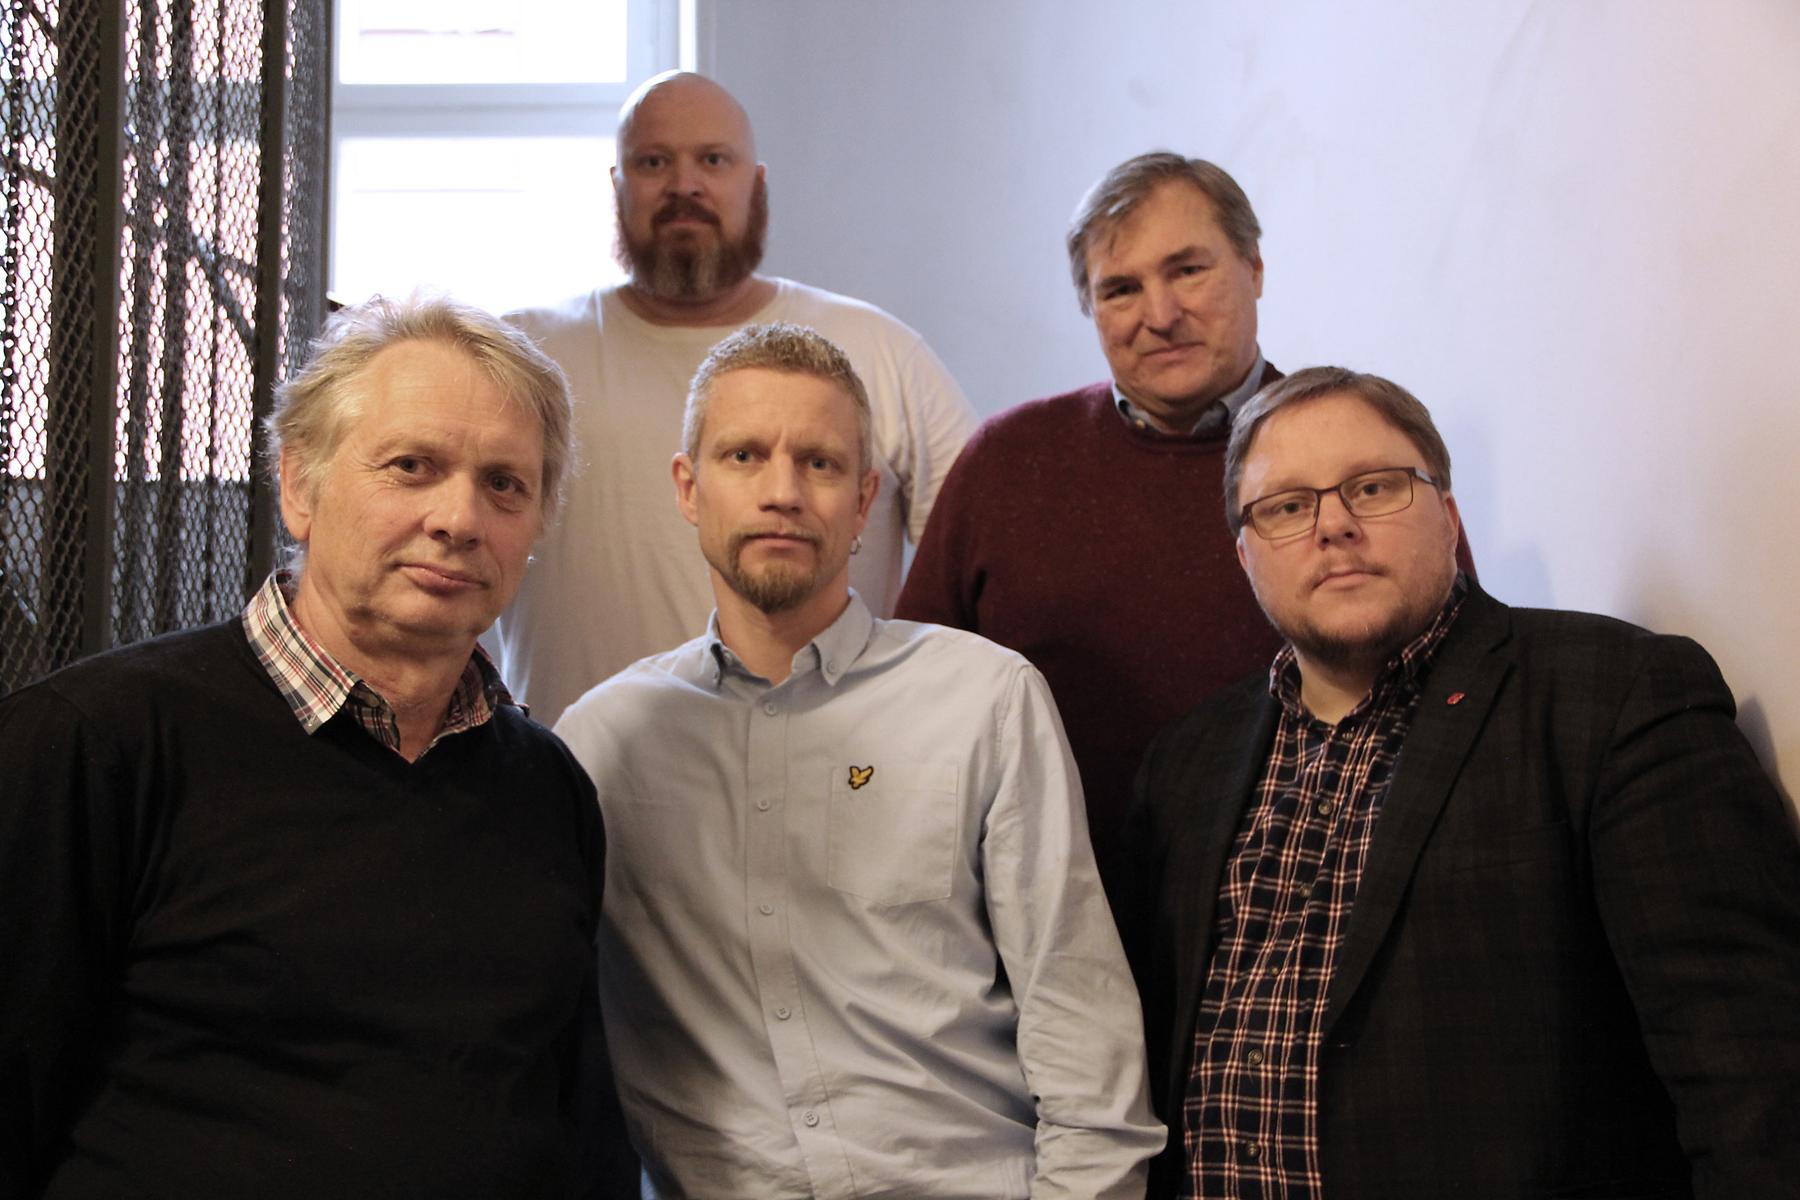 De som förhandlar lackerarnas avtal är bakre raden från vänster: Fredriks Adolfsson och Kaj Persson samt främre raden från vänster: Bengt Ahlberg, Samuel Jarenil och Stefan Cedermark som är ansvarig. Foto: Helena Forsberg